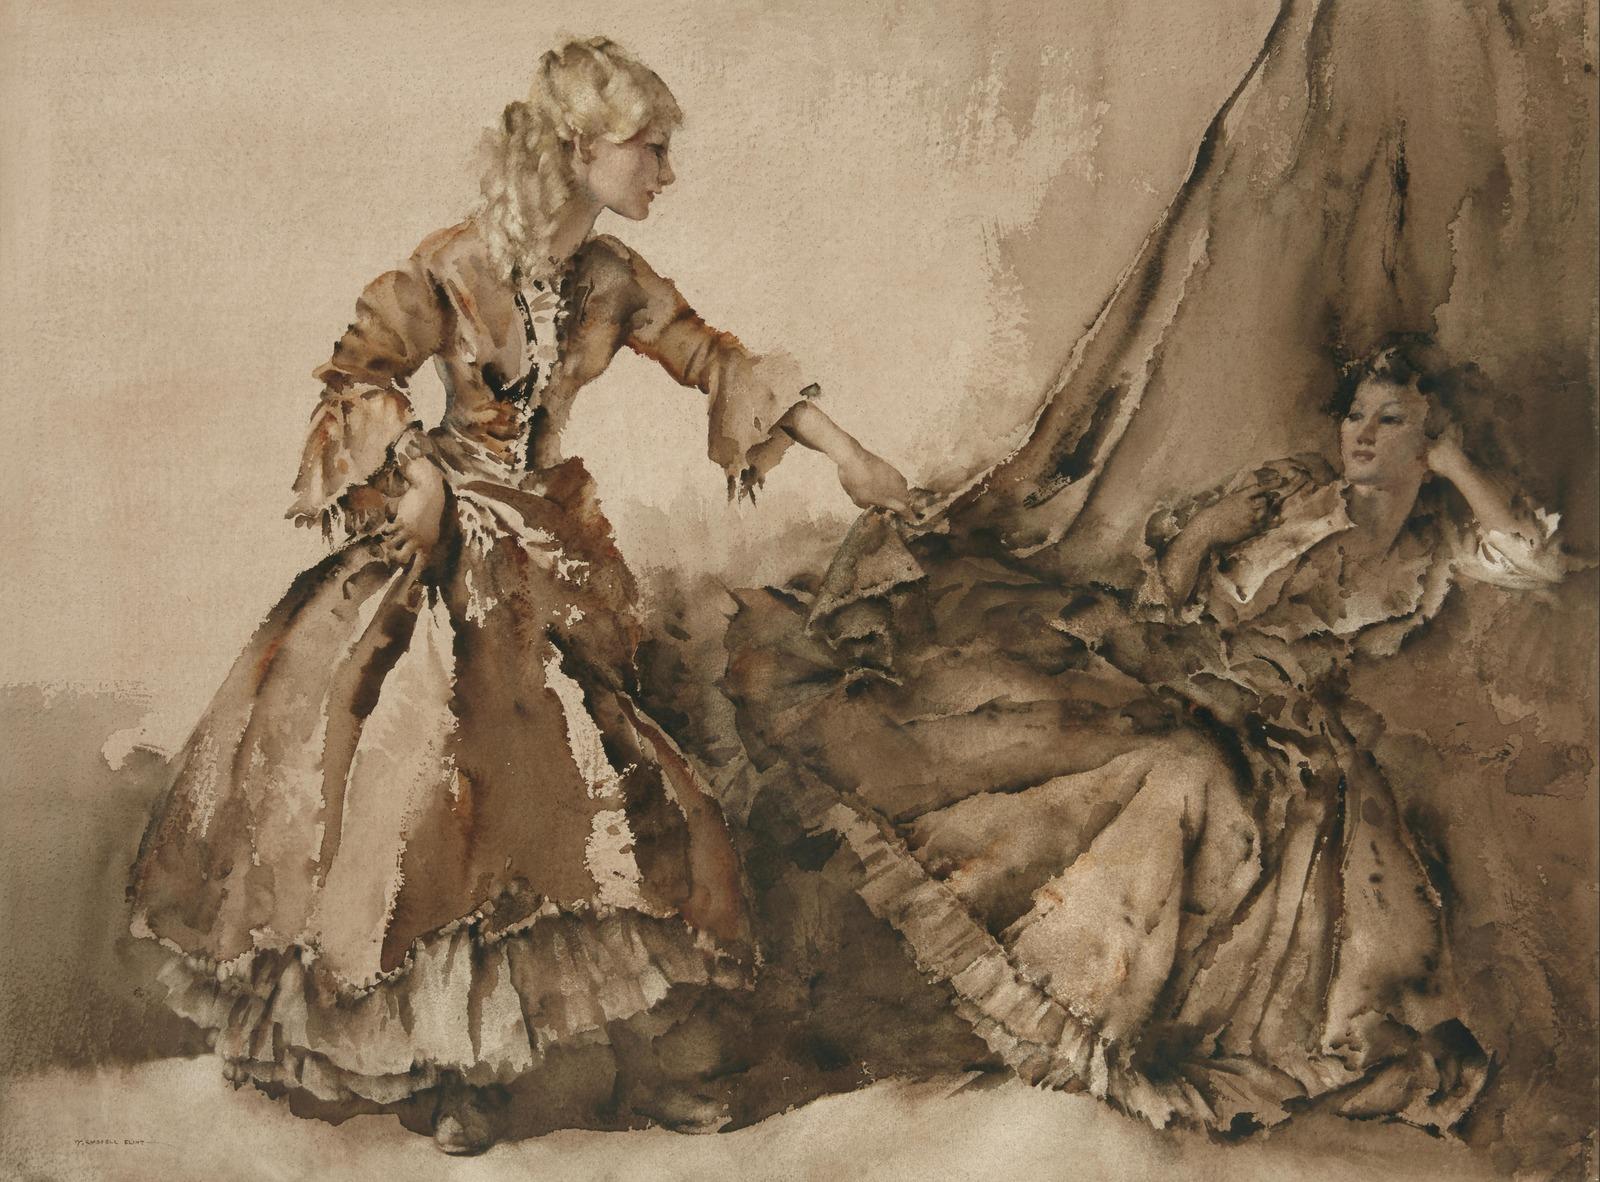 Абигель и Бернадетта (Abigail and Bernadette)_53.5 x 70.5_бумага на картоне, акварель_Частное собрание.jpg